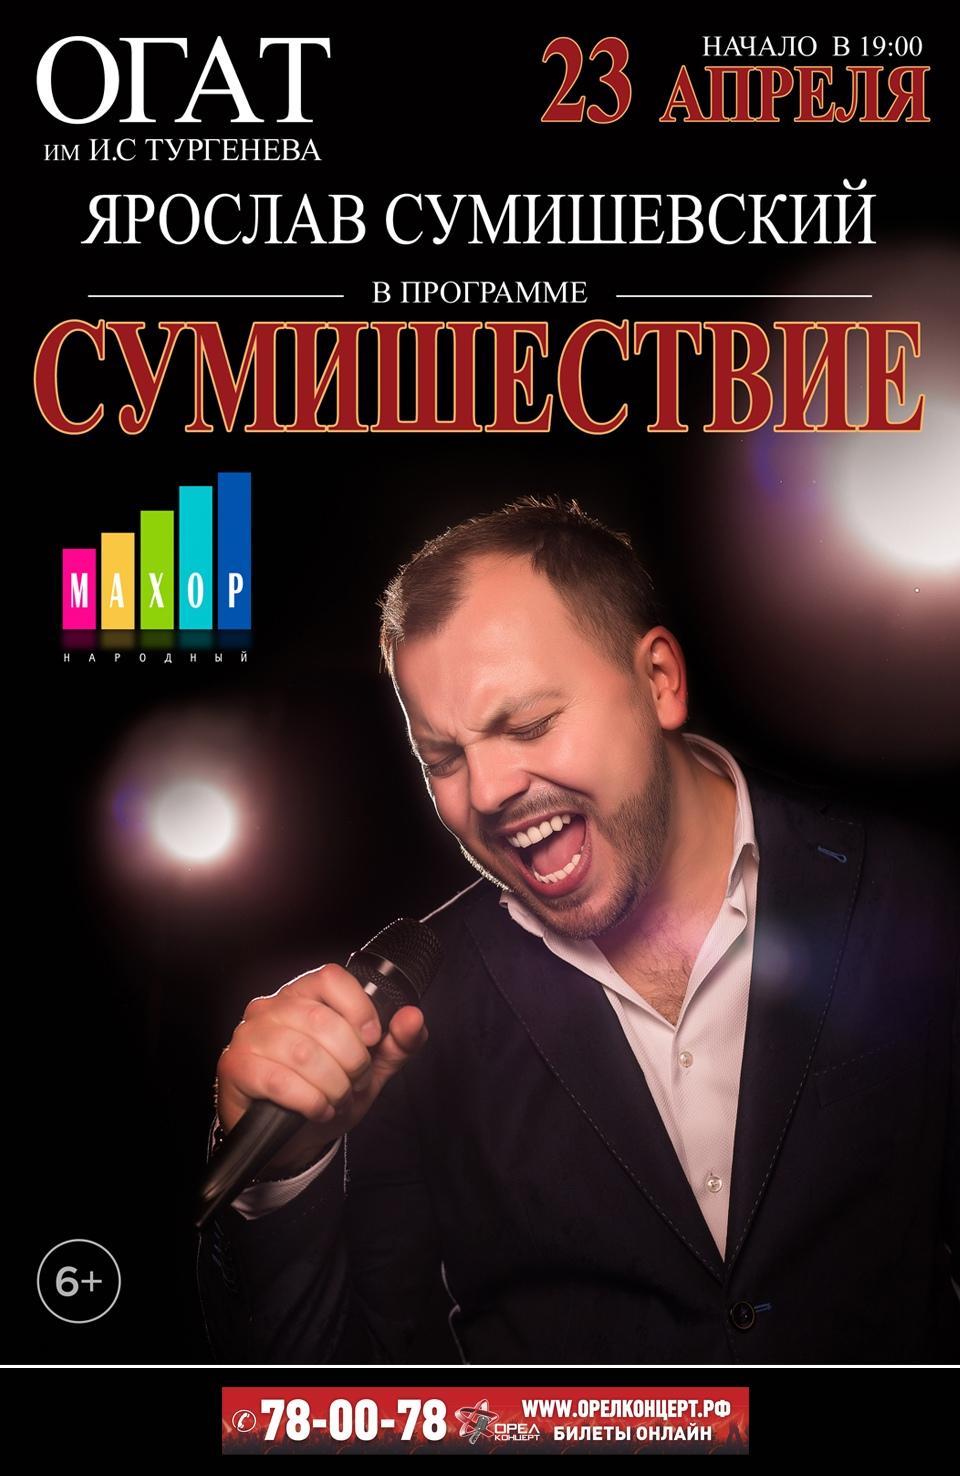 Ярослав Сумишевский «Сумишествие»